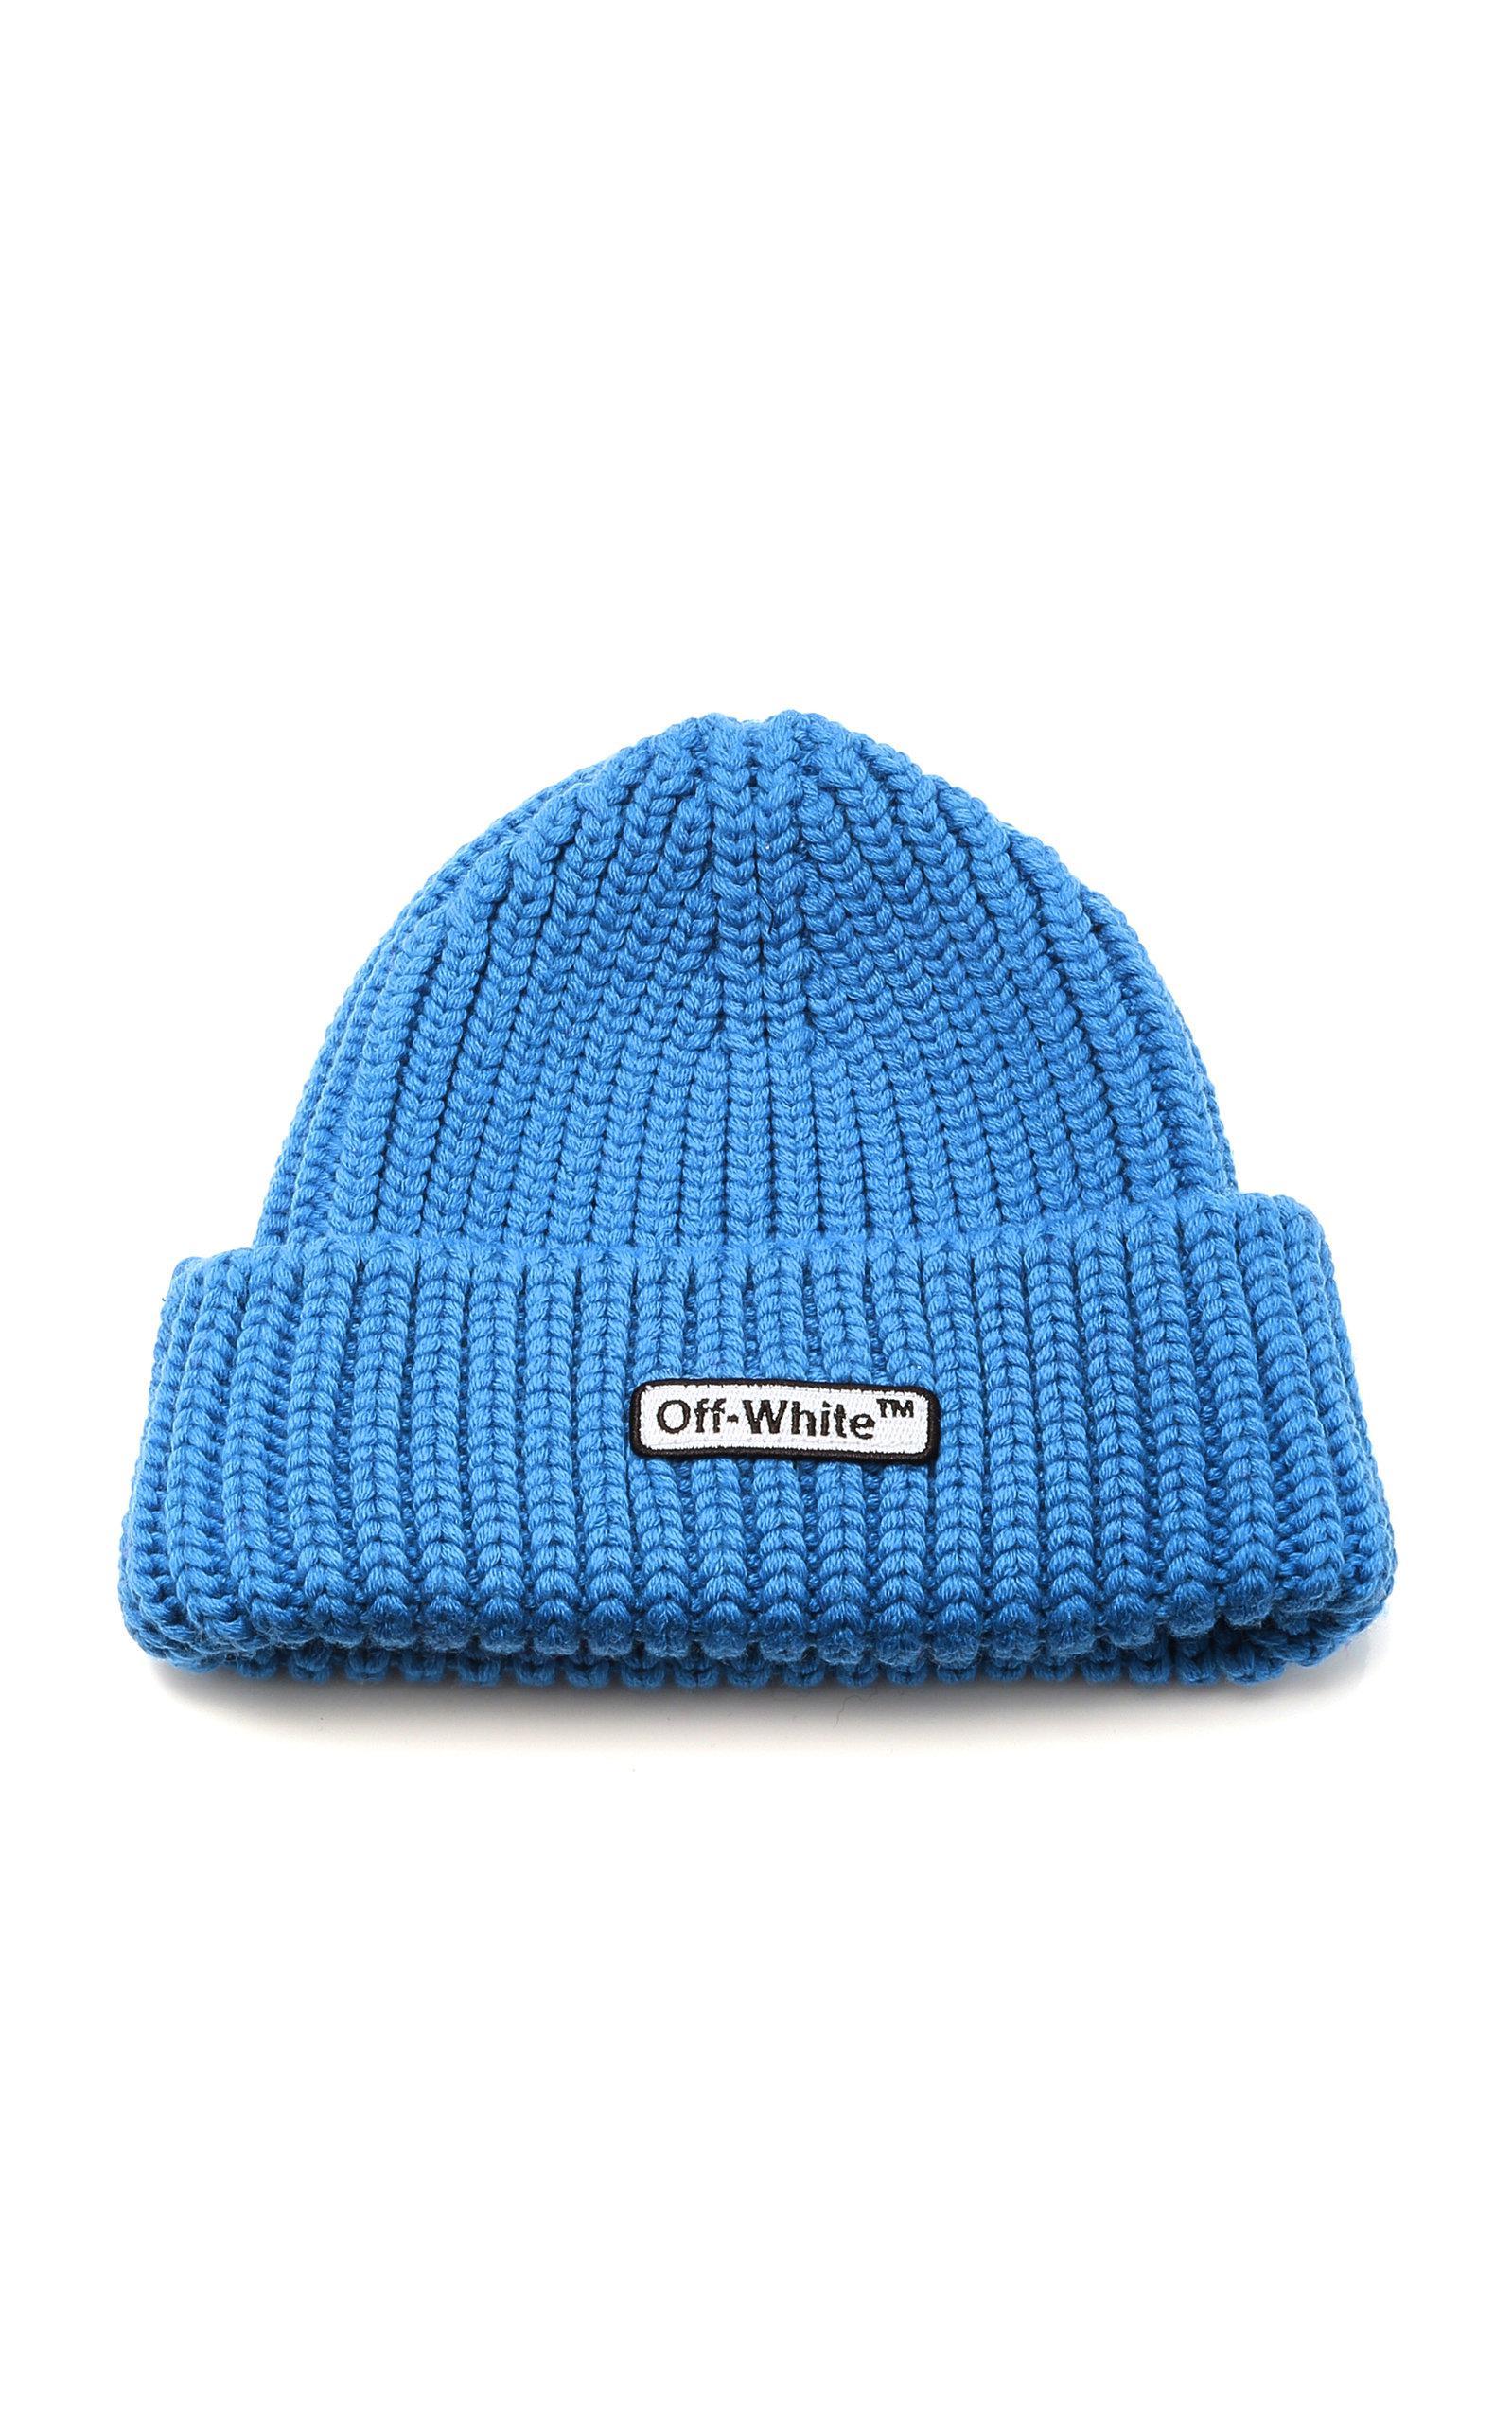 6004d7fc Off-White c/o Virgil Abloh Logo Beanie in Blue for Men - Lyst